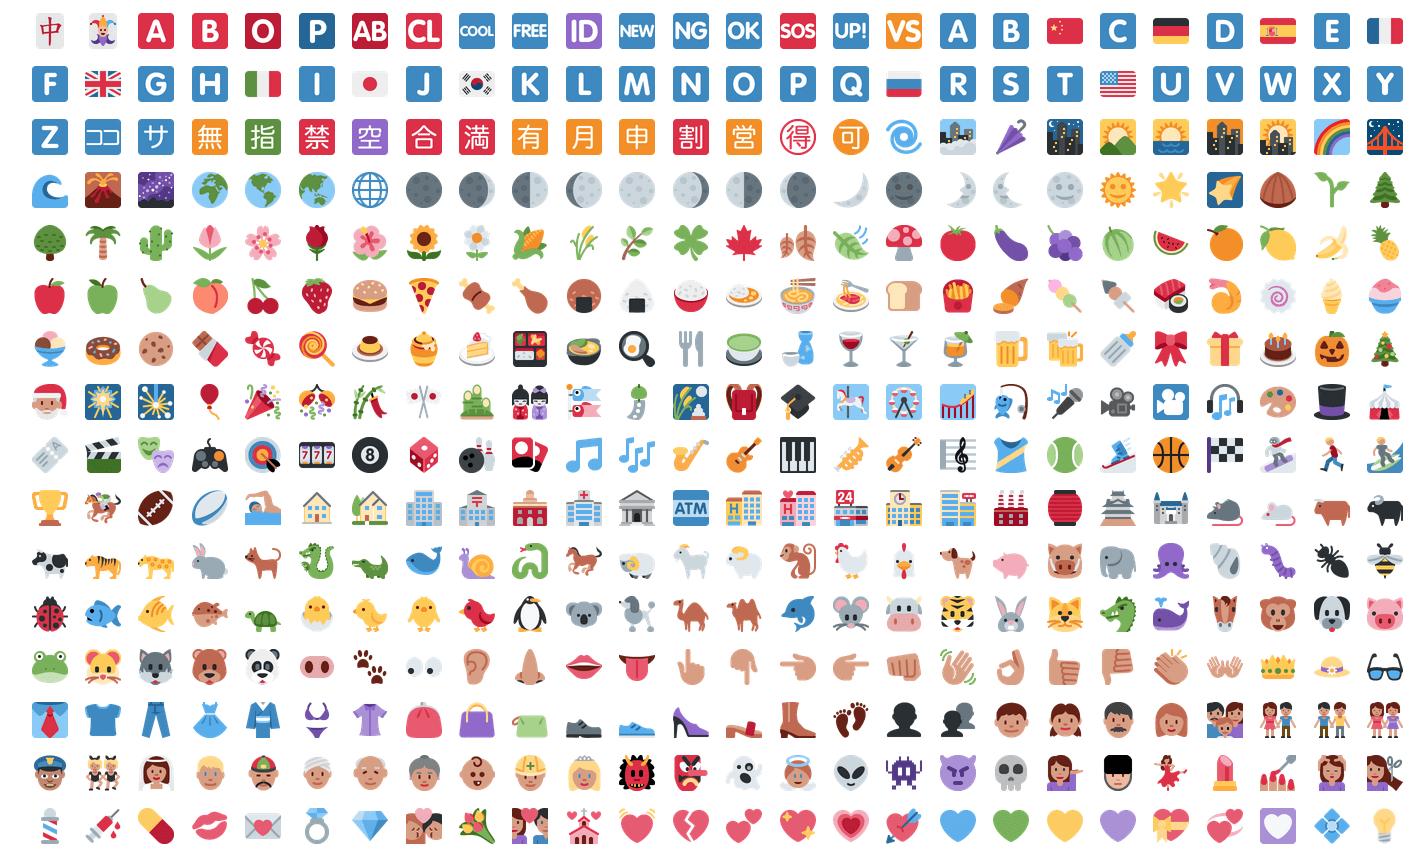 Cara Menggunakan Emoticon Animasi Bergerak di Email